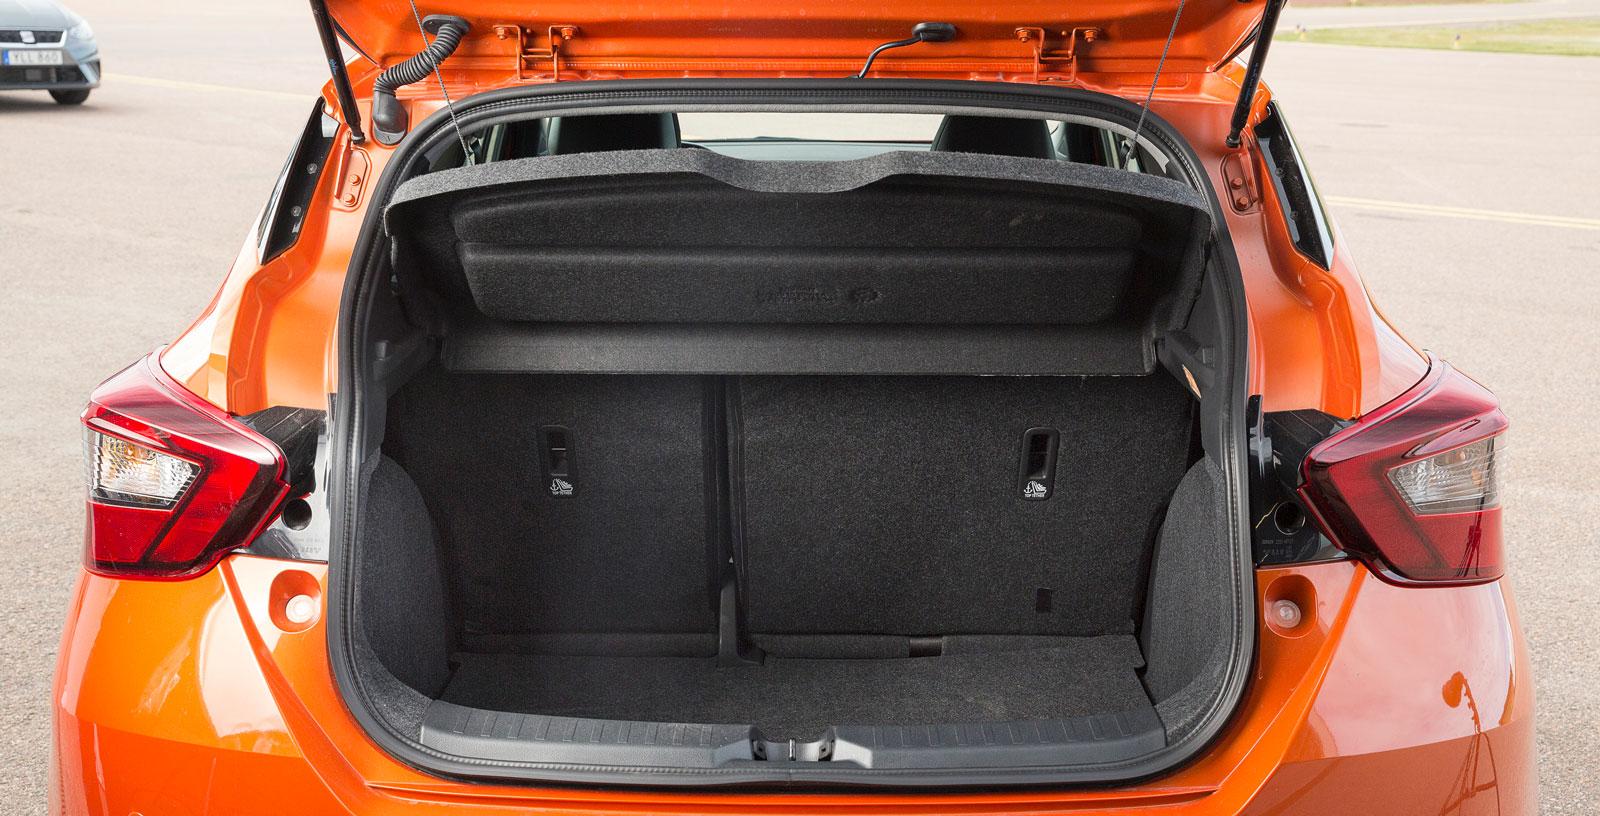 Micras bagage har en volym på 300 liter under hatthyllan. Det är mer än snittet för småbilsklassen. Allra tre testbilar har 60/40-delning av baksätet som standard.